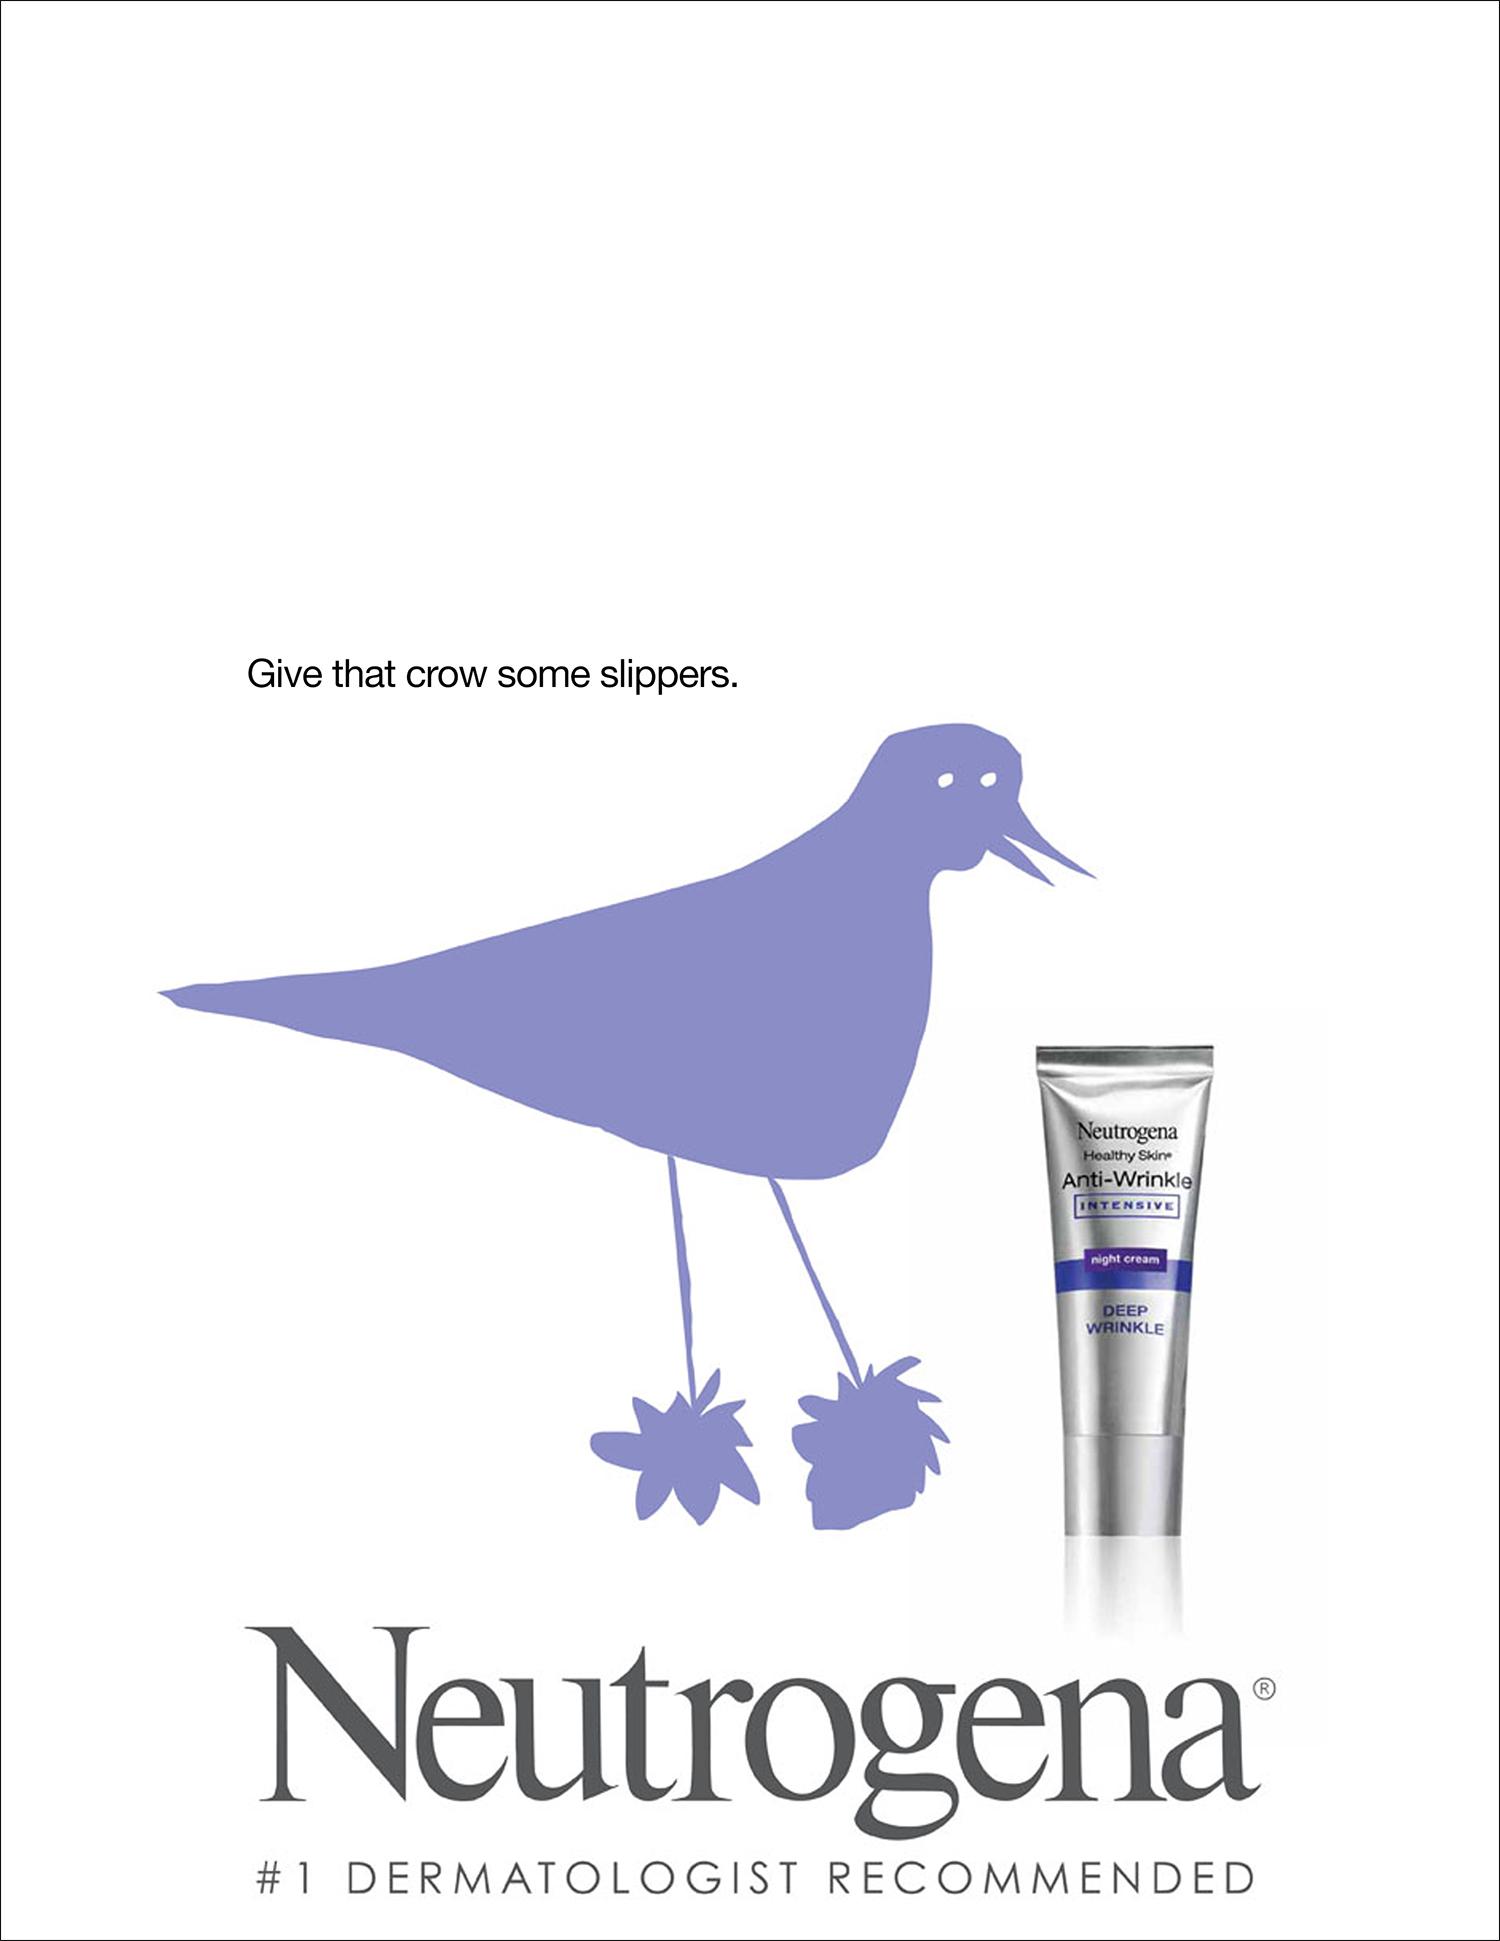 Neutrogena (Slippers)